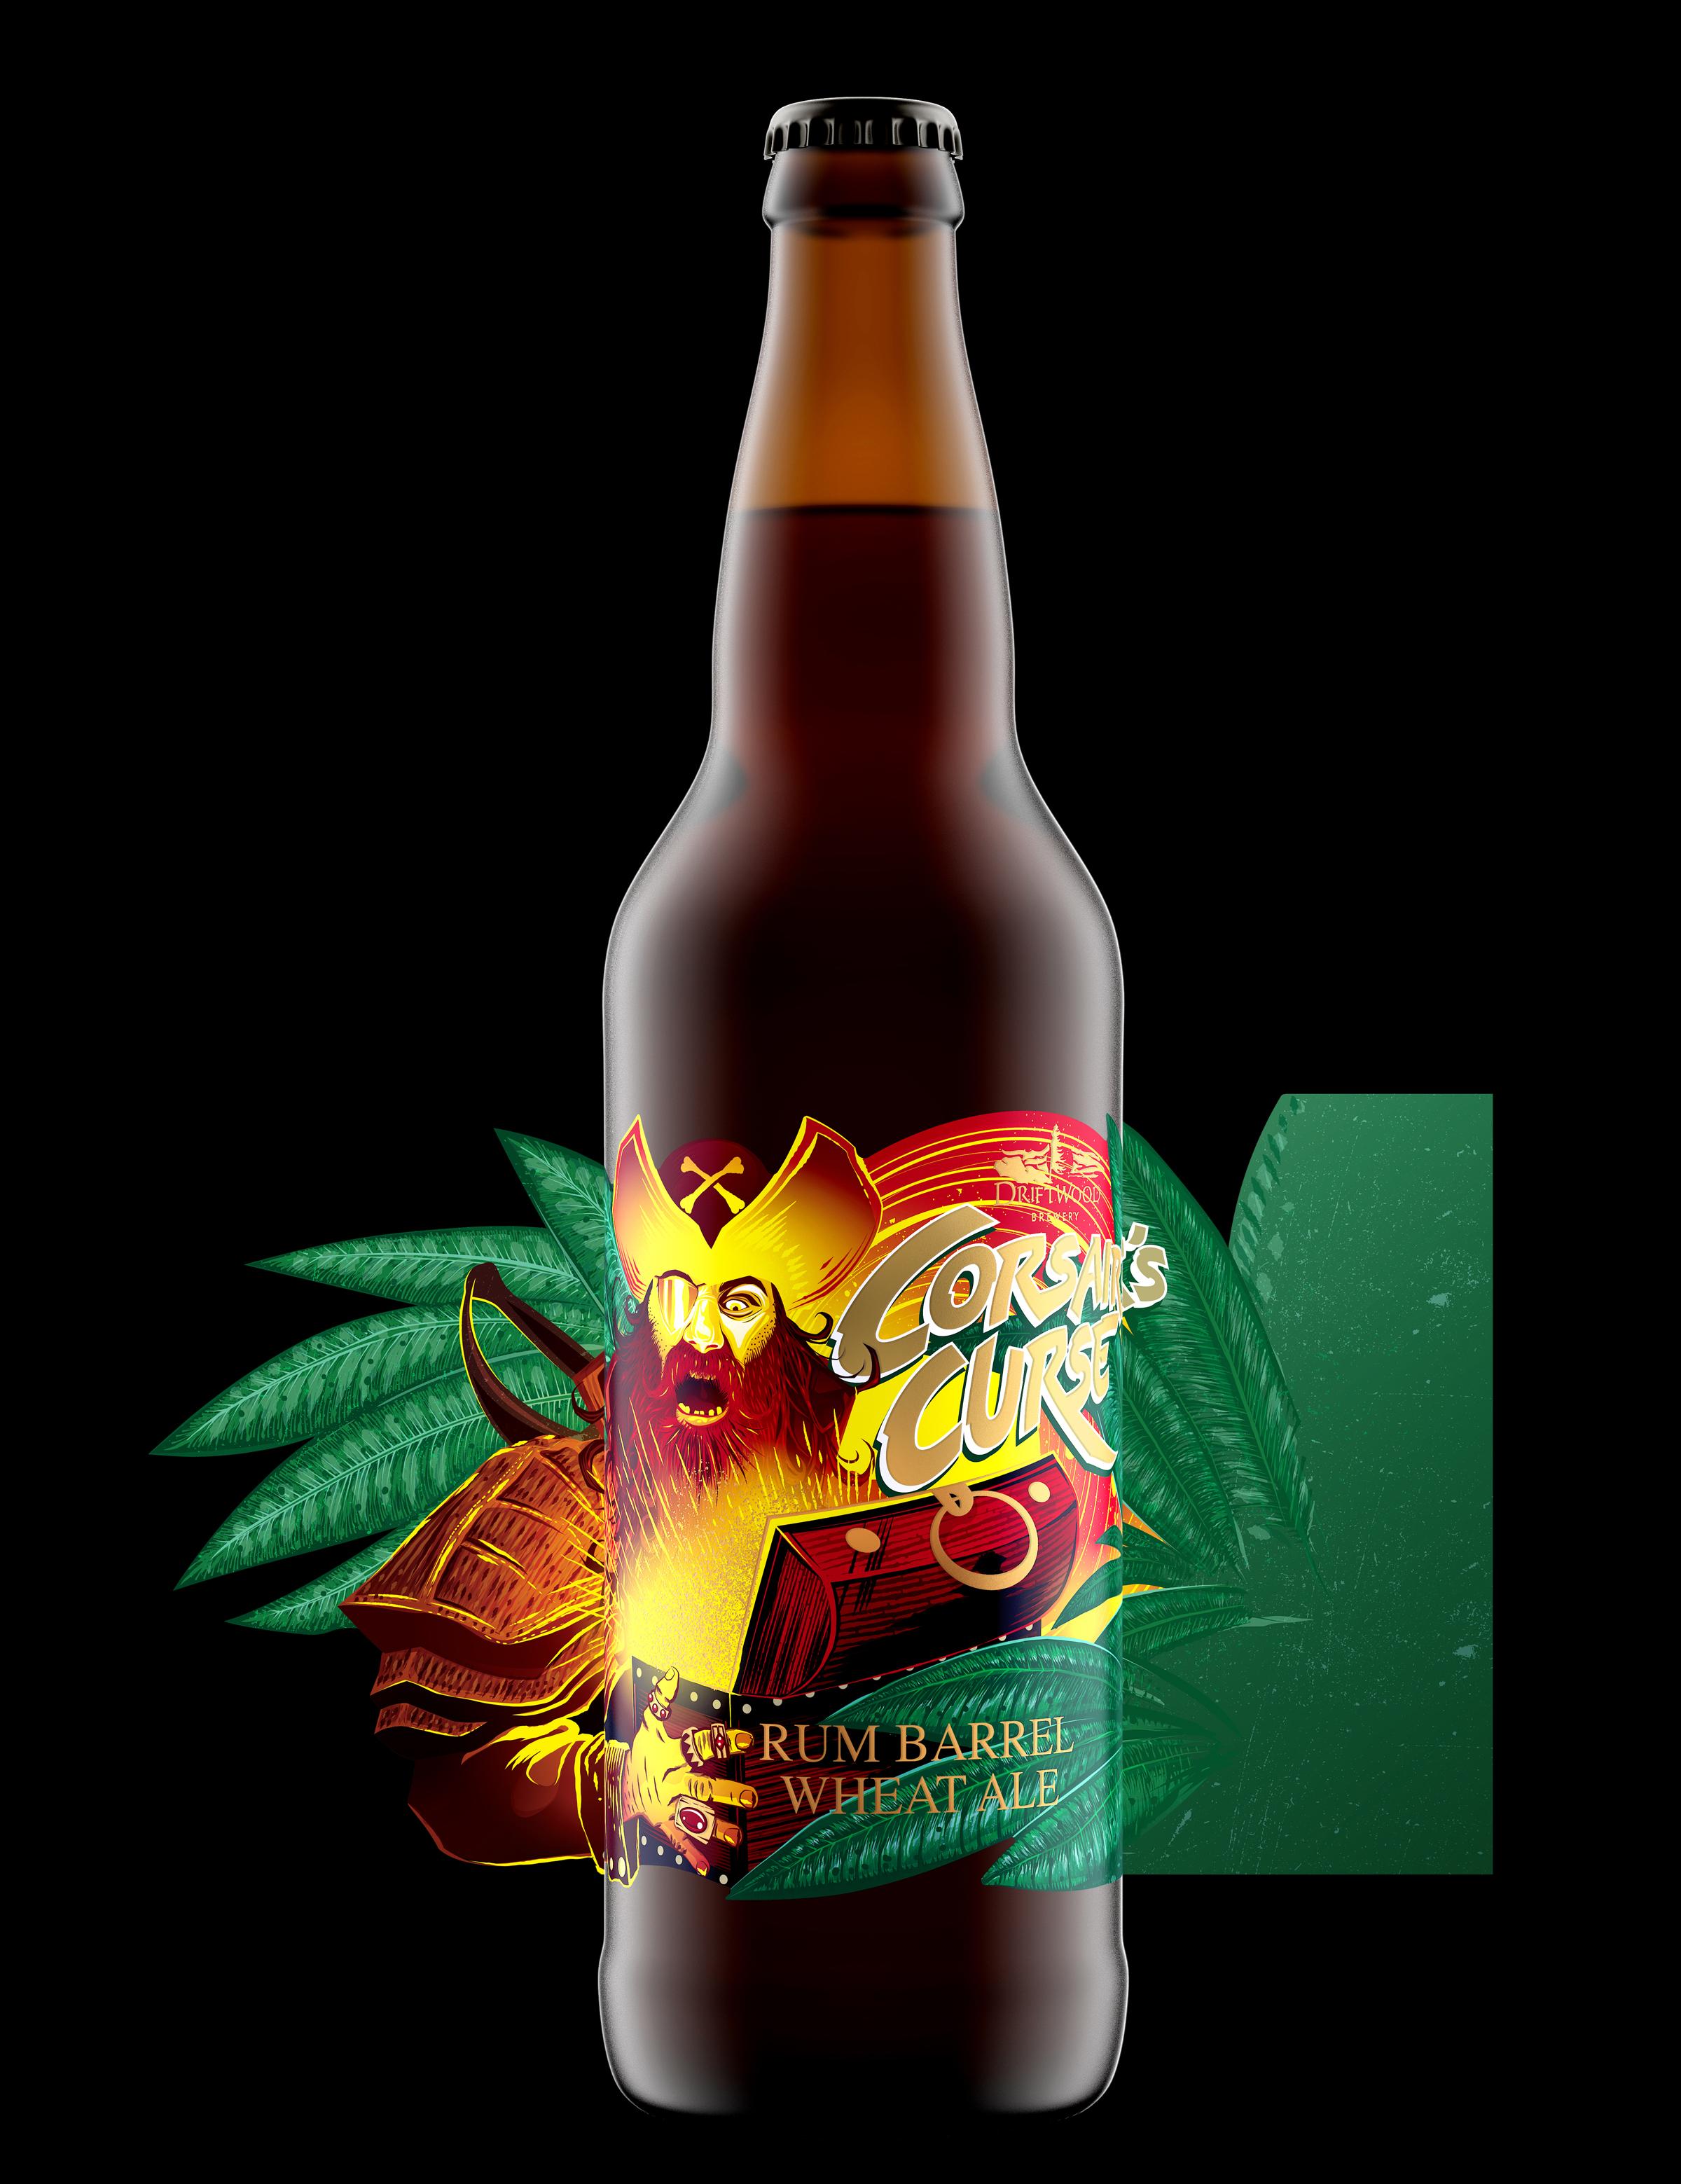 Corsair's Curse Rum Barrel Wheat Ale